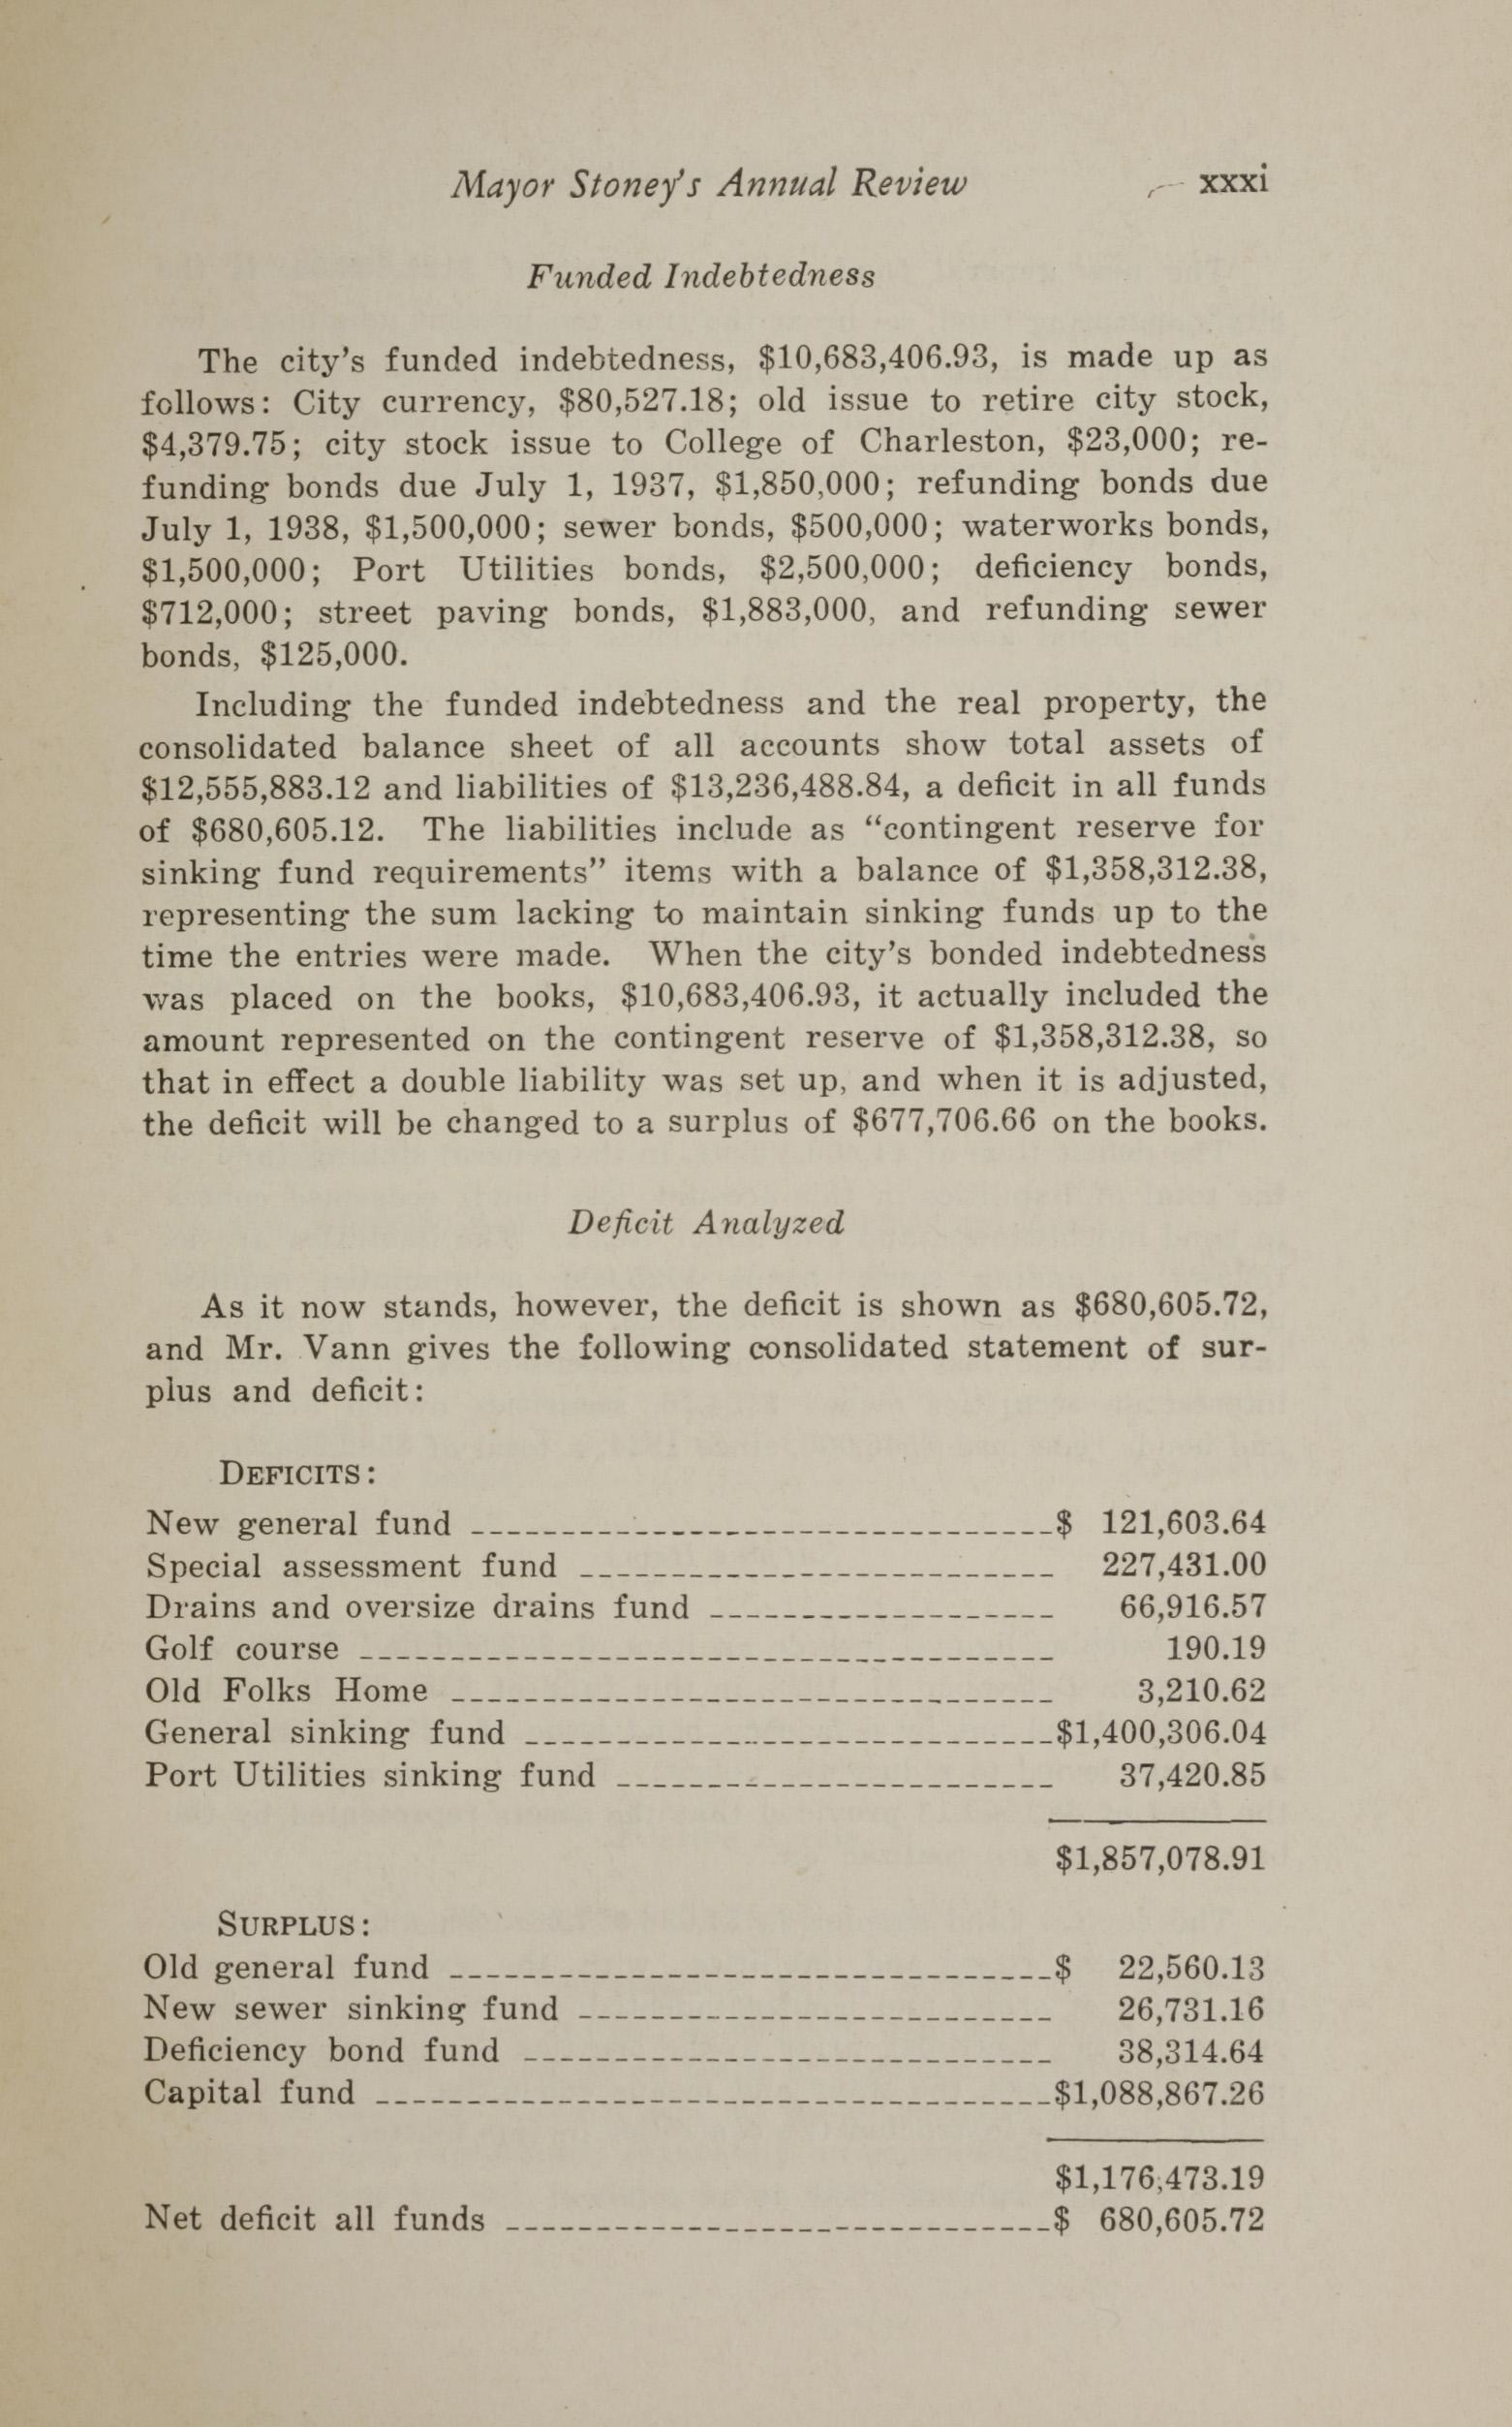 Charleston Yearbook, 1930, page xxxi